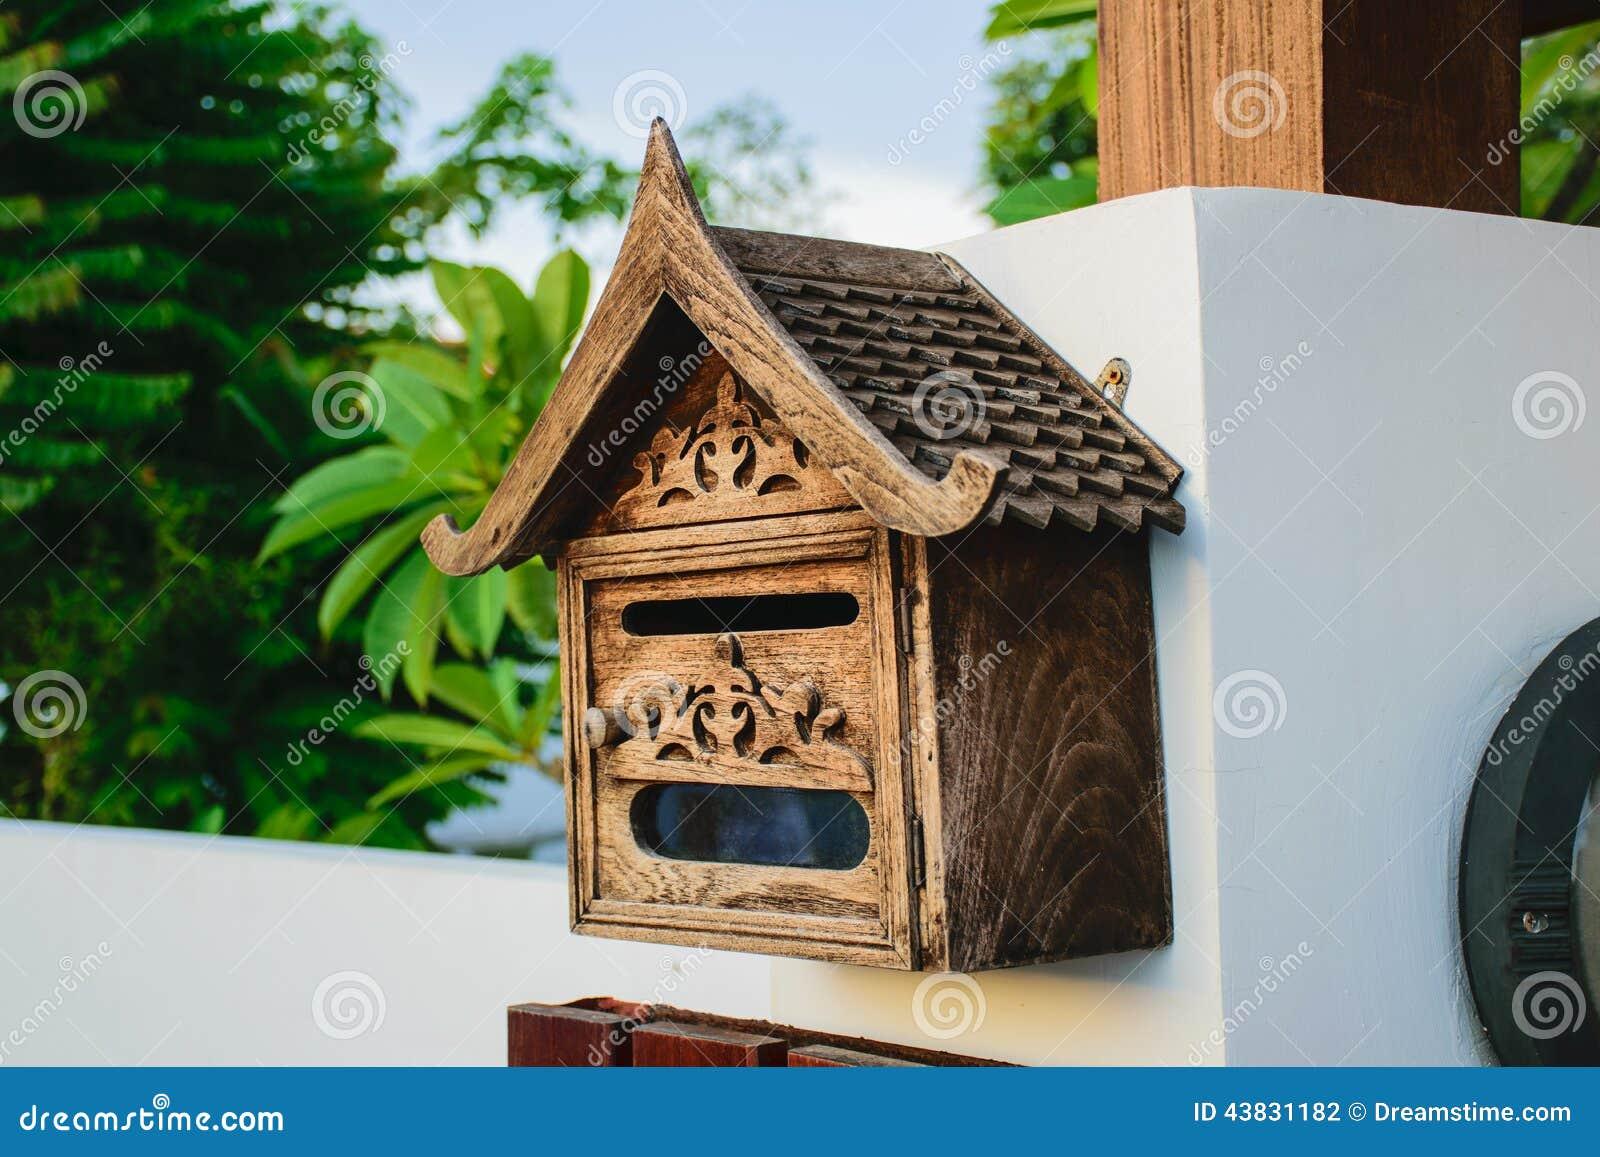 bo te aux lettres en bois d cor e avec l 39 appui de boulons. Black Bedroom Furniture Sets. Home Design Ideas